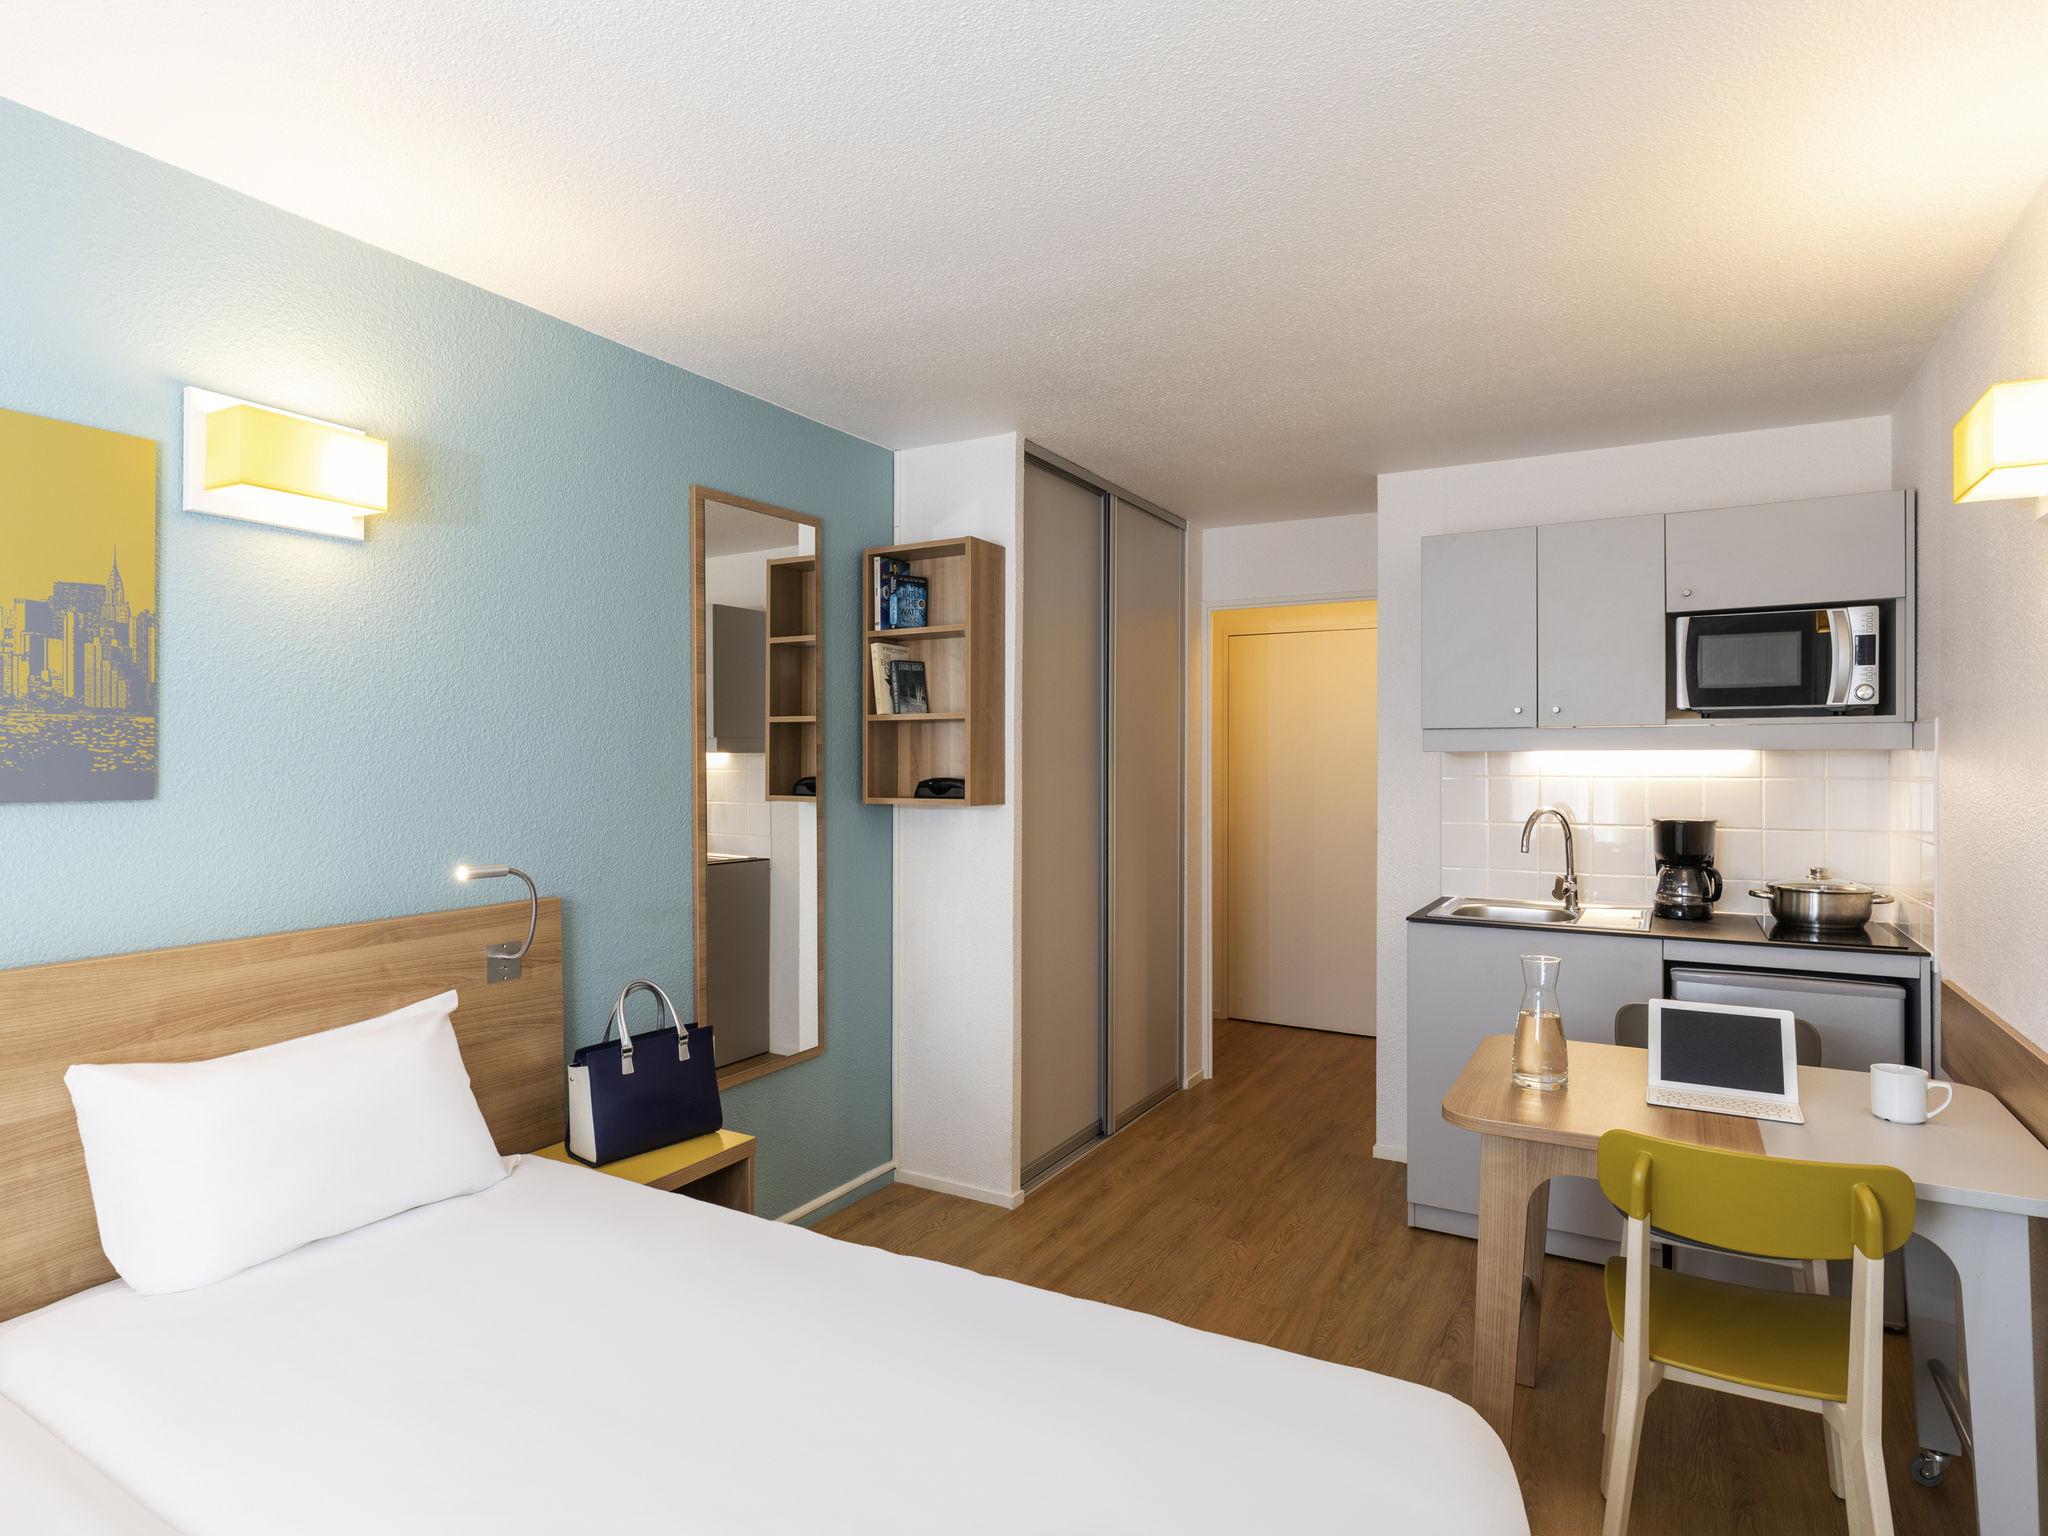 Hotel - Aparthotel Adagio access La Défense Place Charras